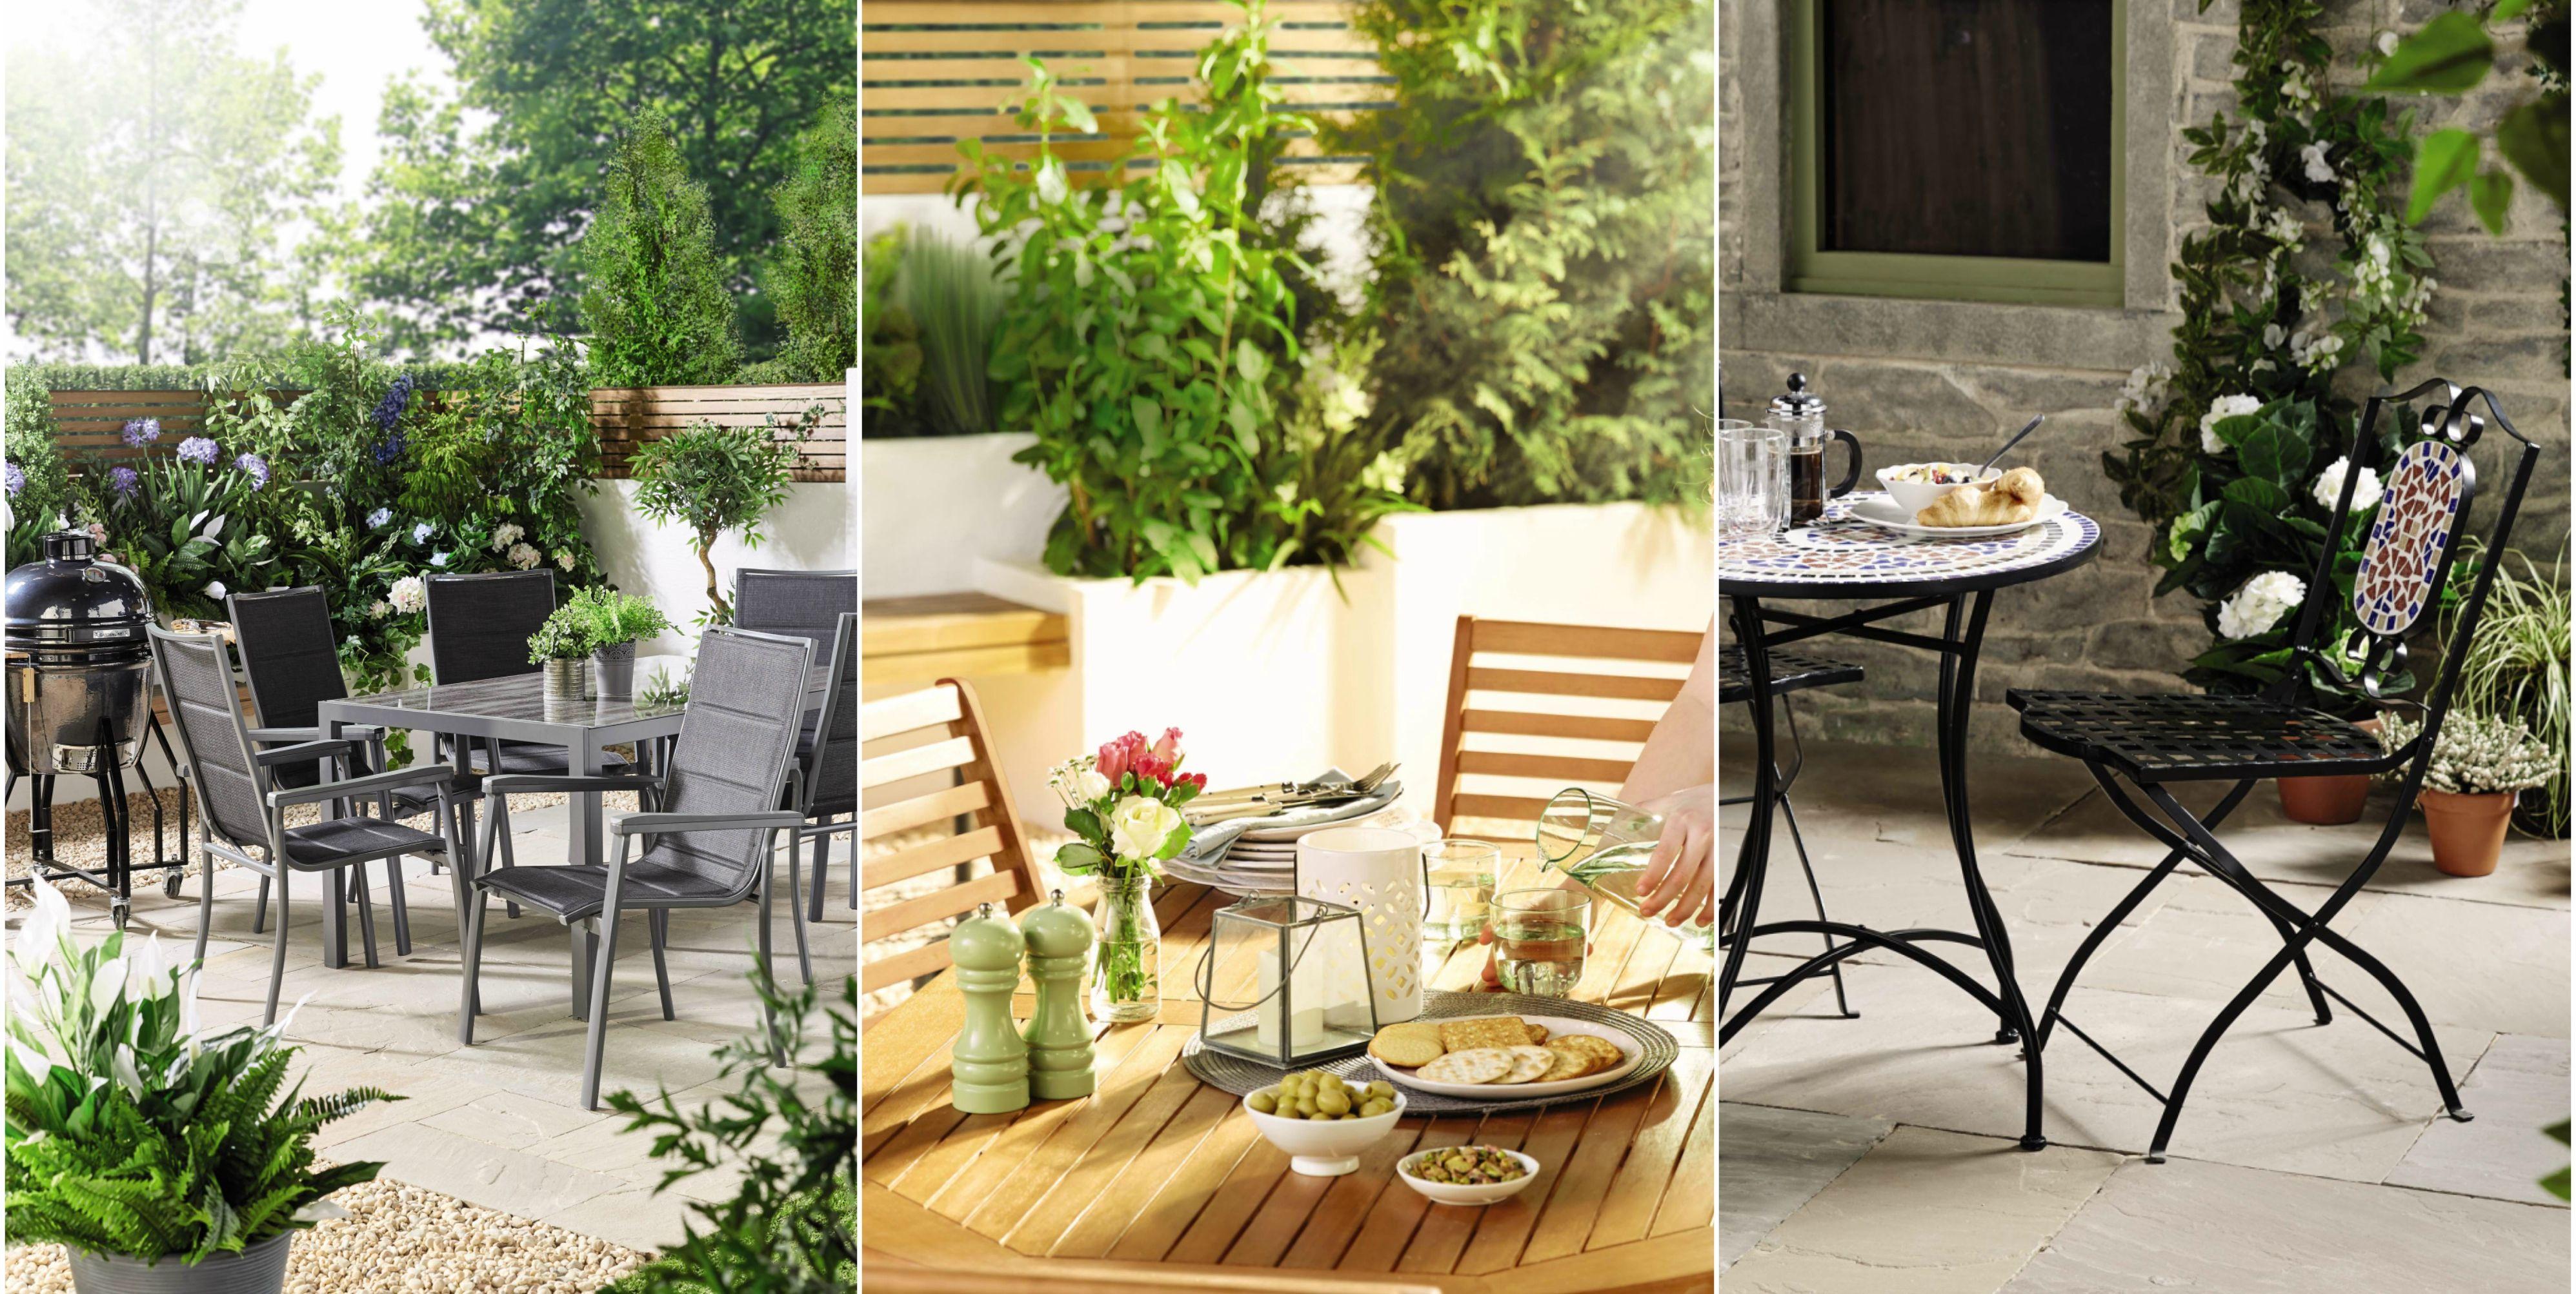 Aldi garden furniture sets